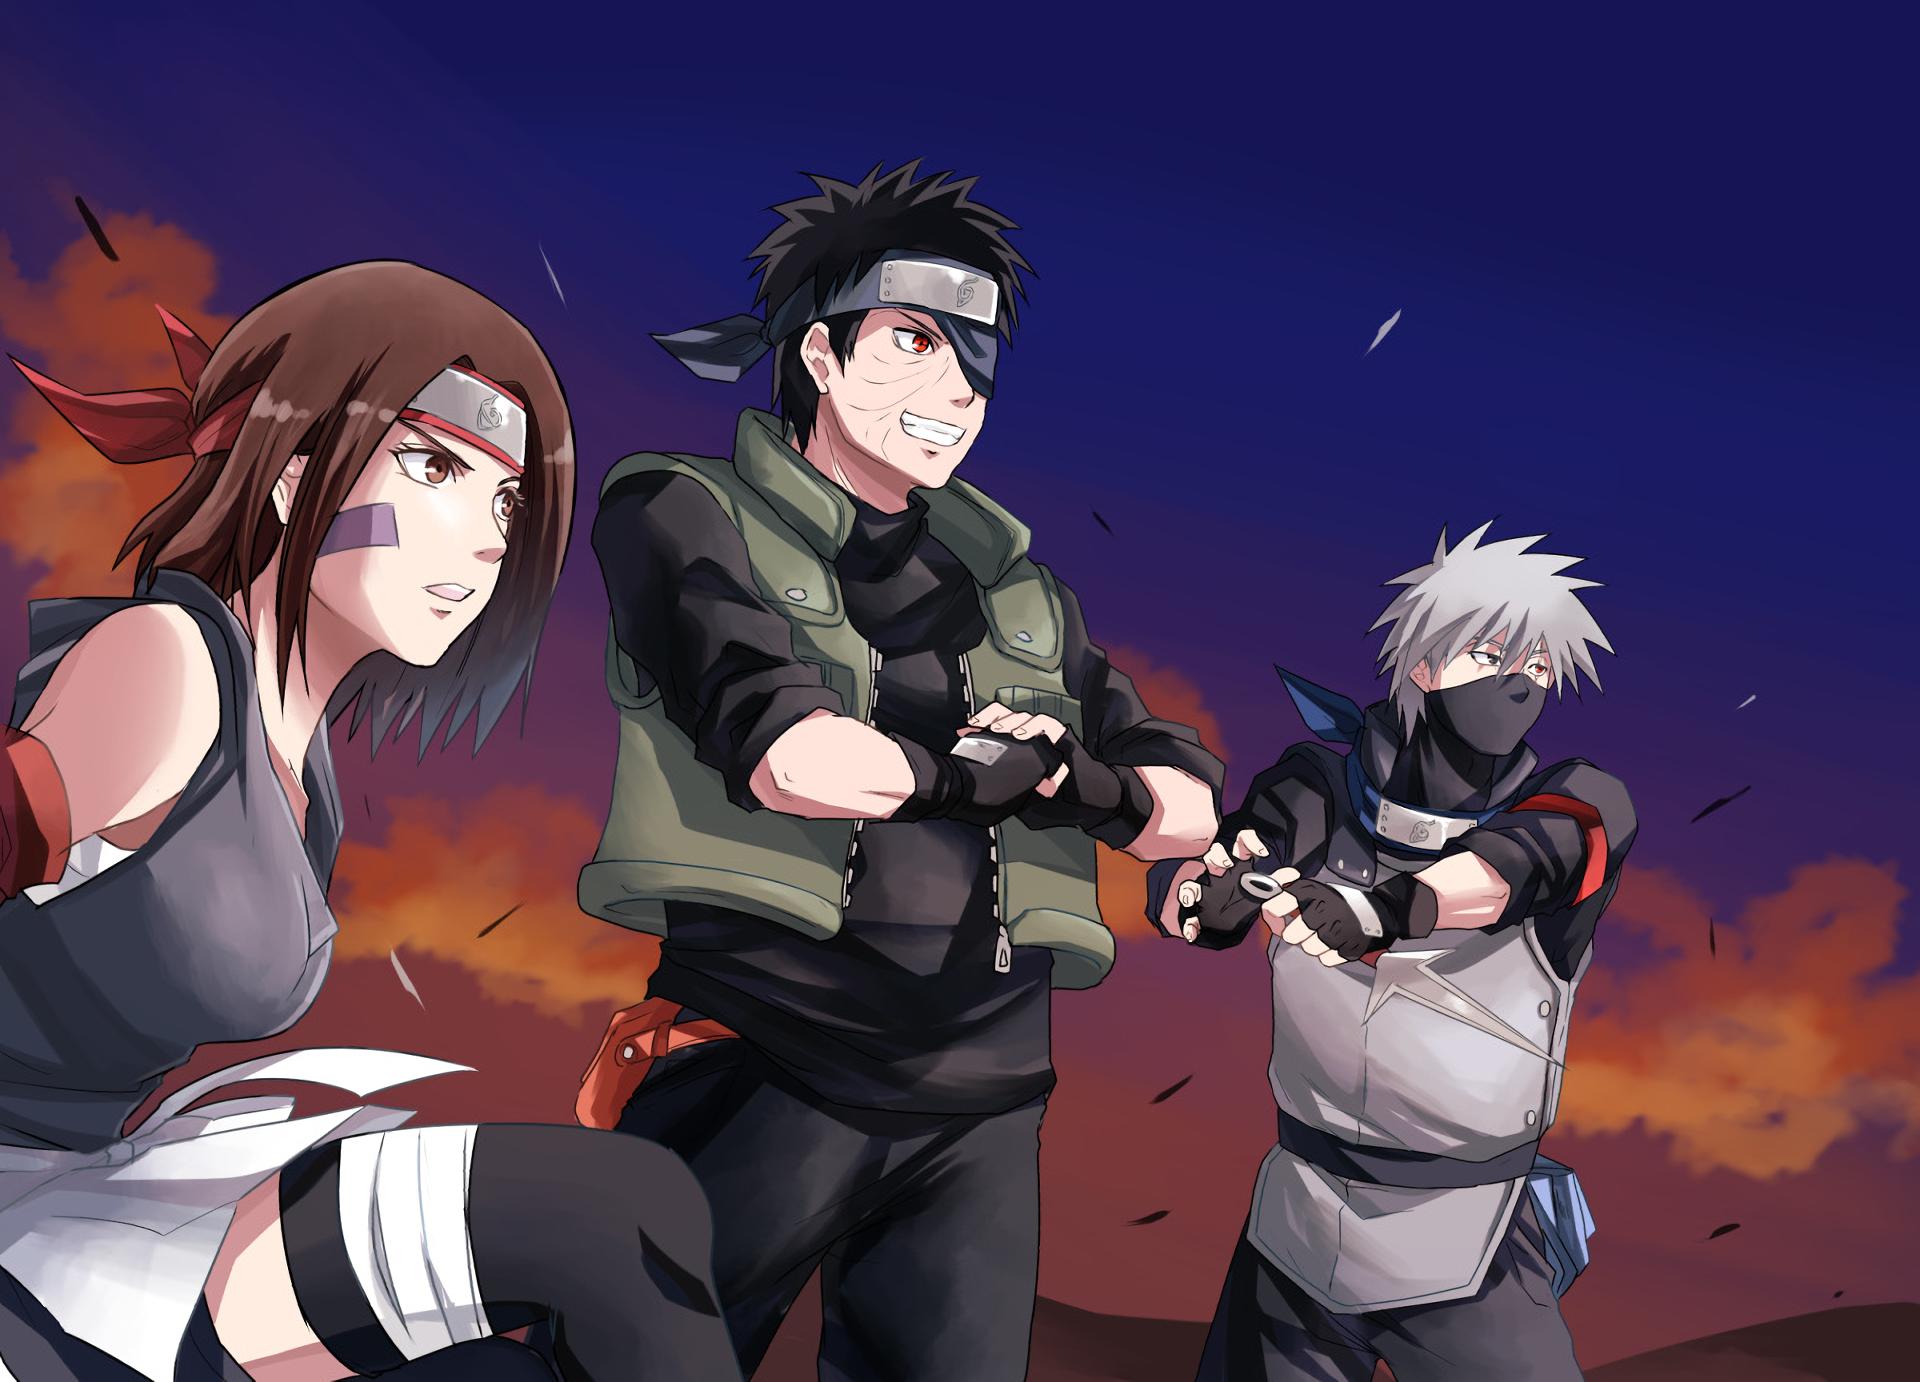 Anime Naruto Kakashi Hatake Obito Uchiha Rin Nohara Wallpaper Personagens De Anime Kakashi Naruto Personagens